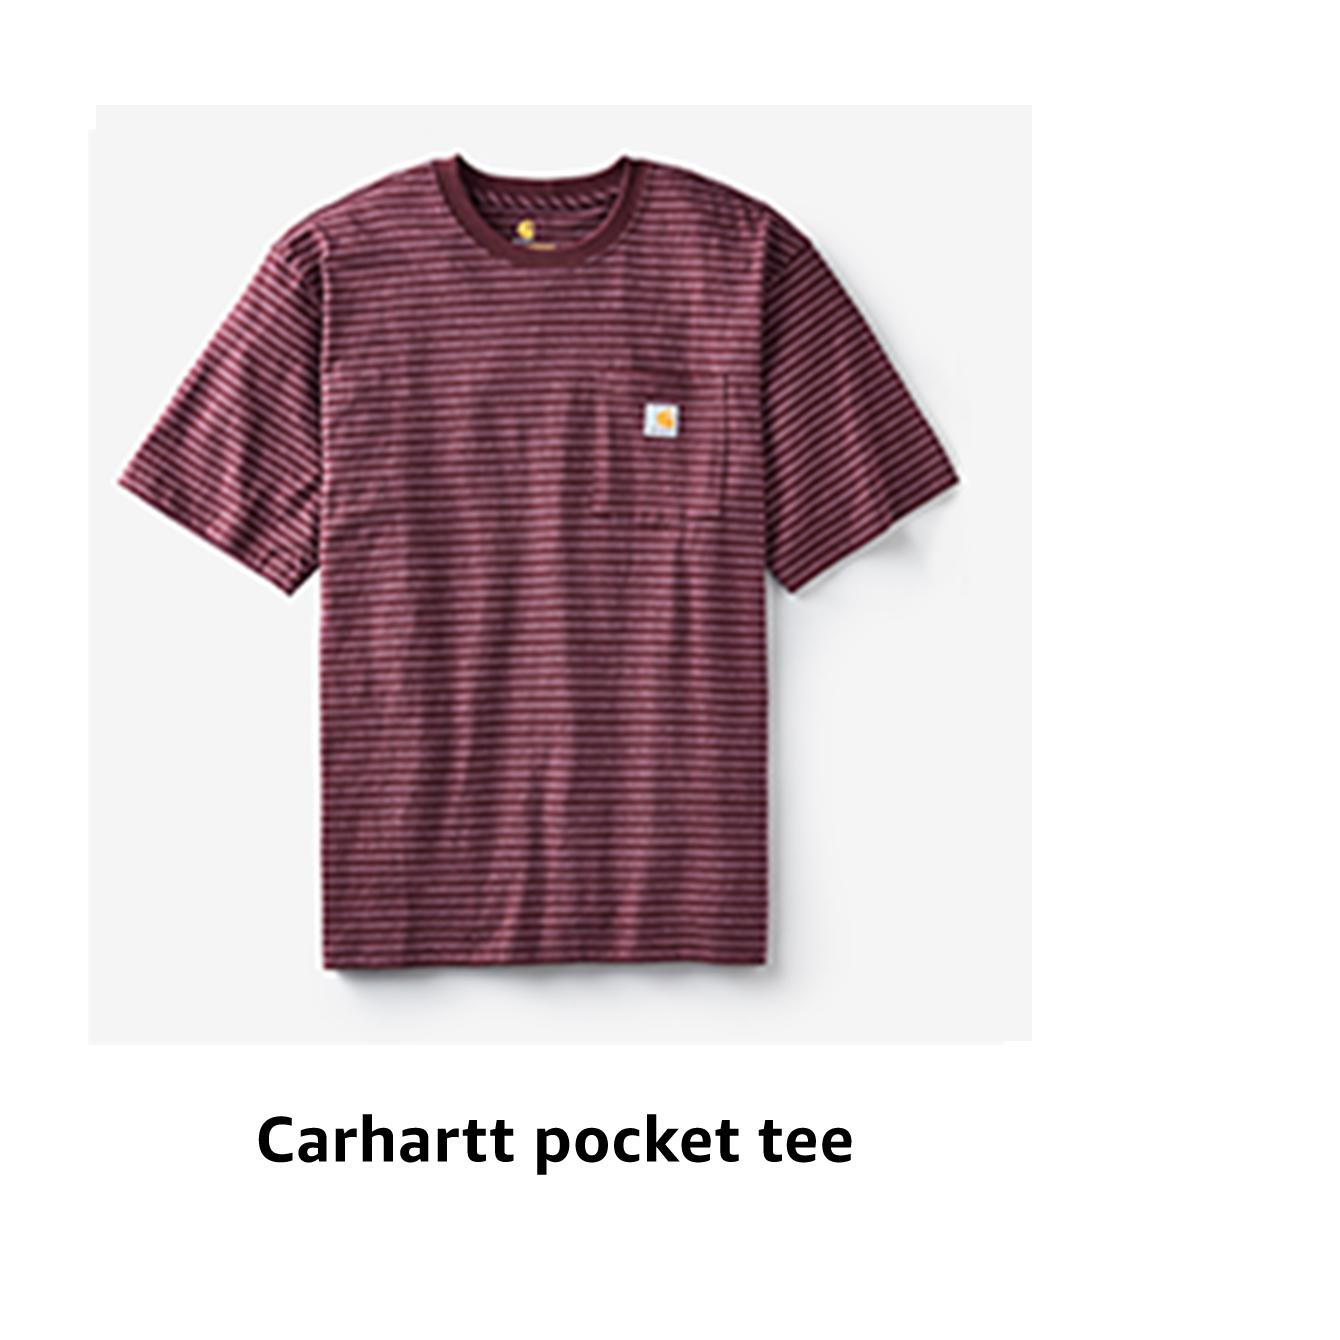 Carhartt pocket tee